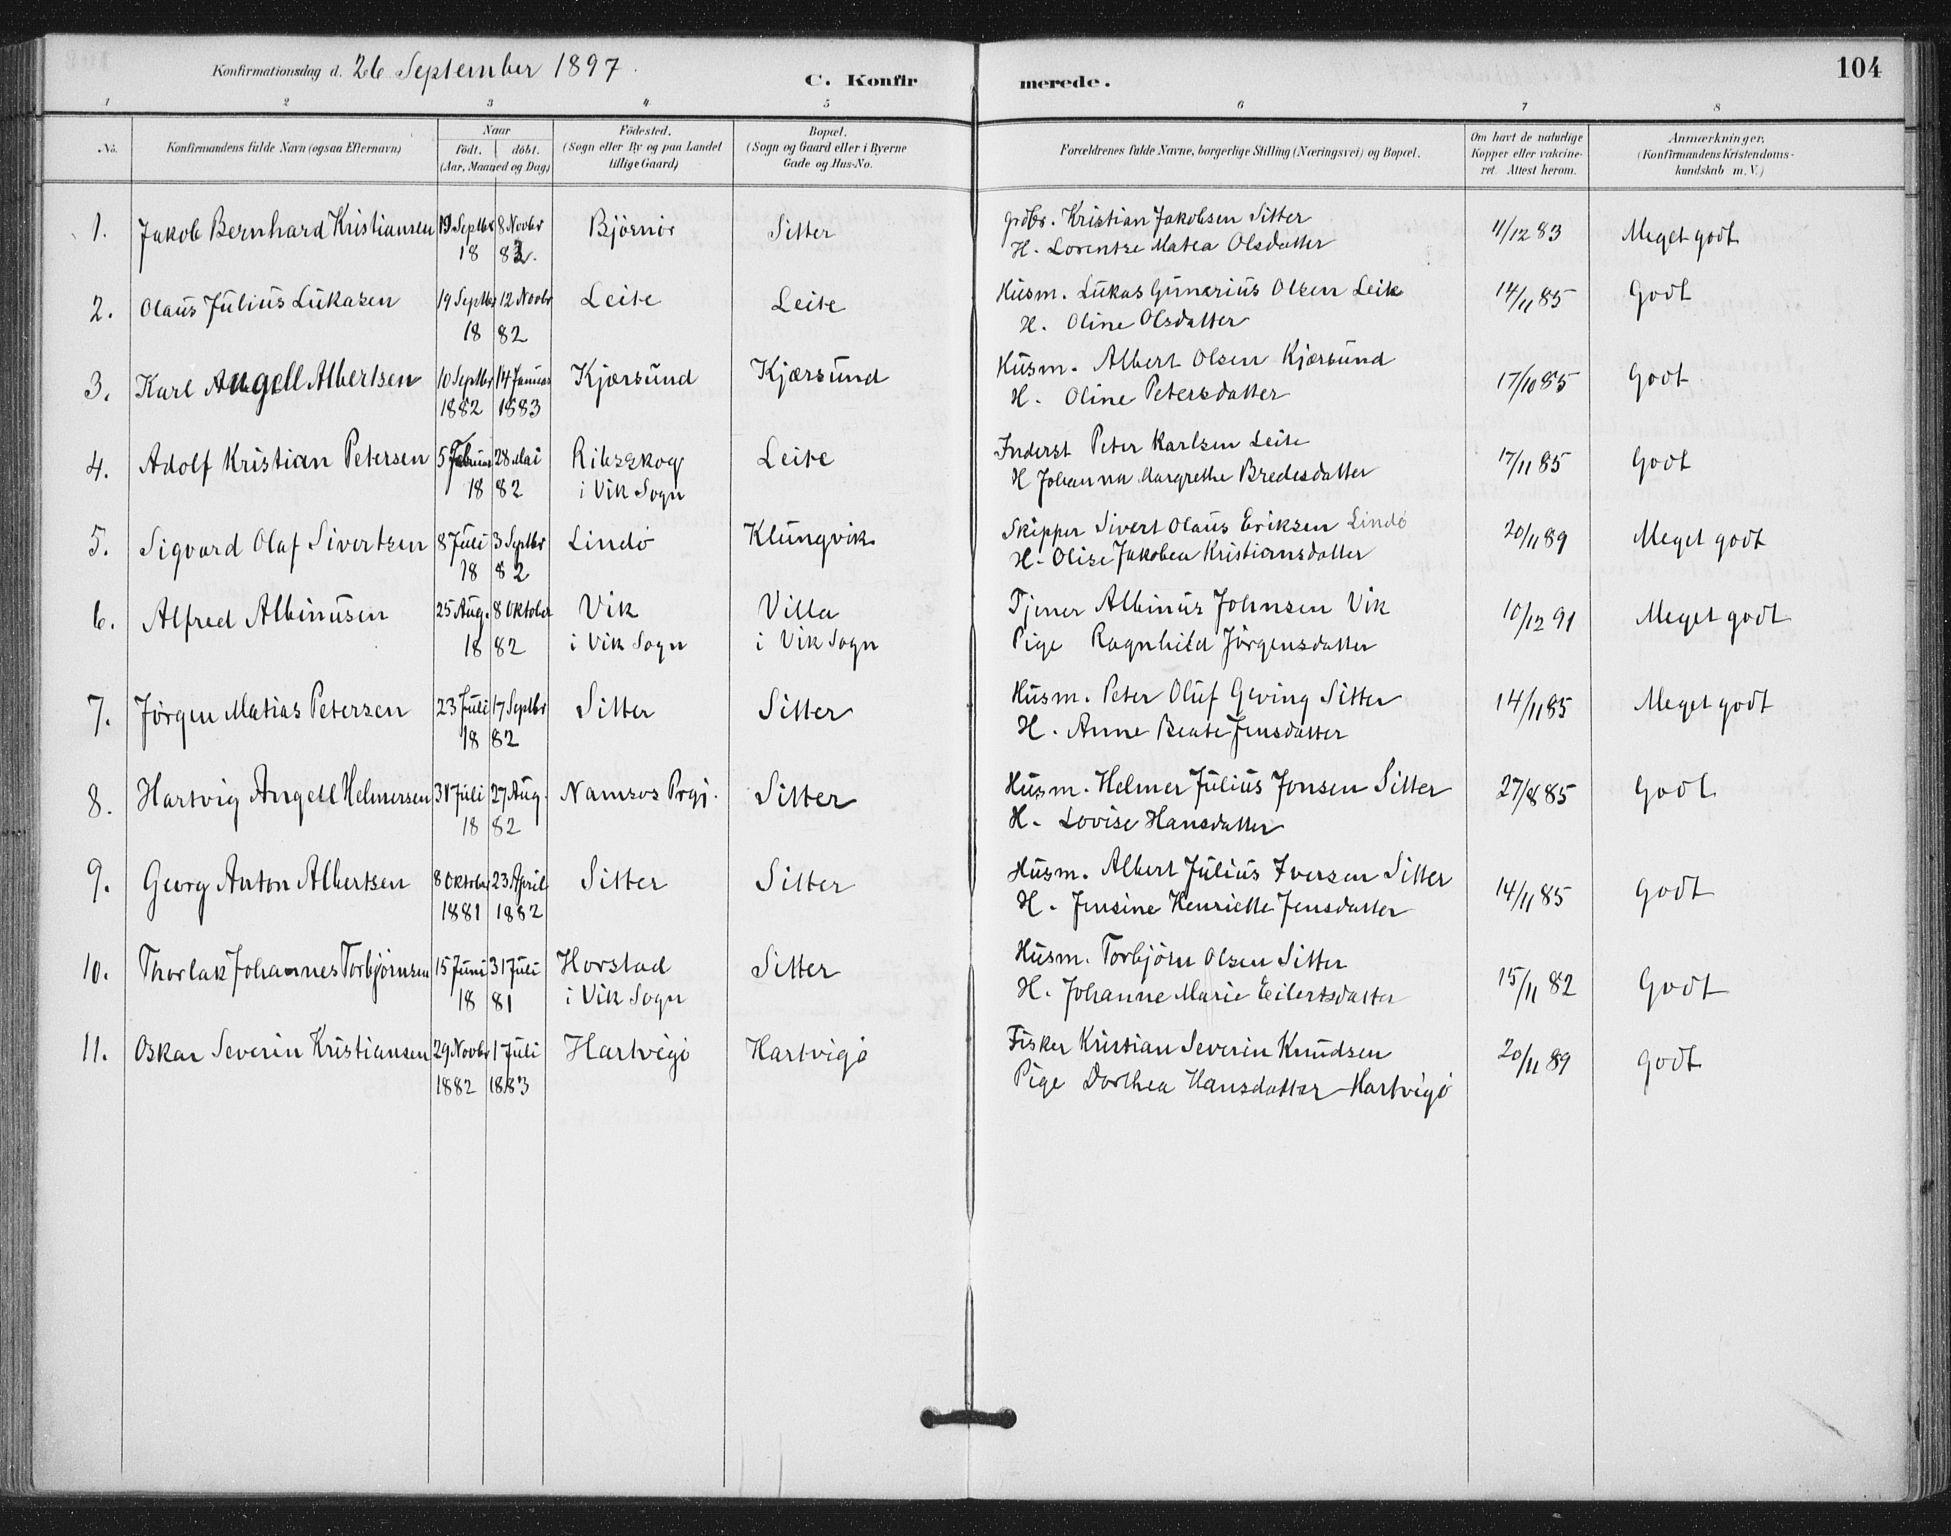 SAT, Ministerialprotokoller, klokkerbøker og fødselsregistre - Nord-Trøndelag, 772/L0603: Ministerialbok nr. 772A01, 1885-1912, s. 104